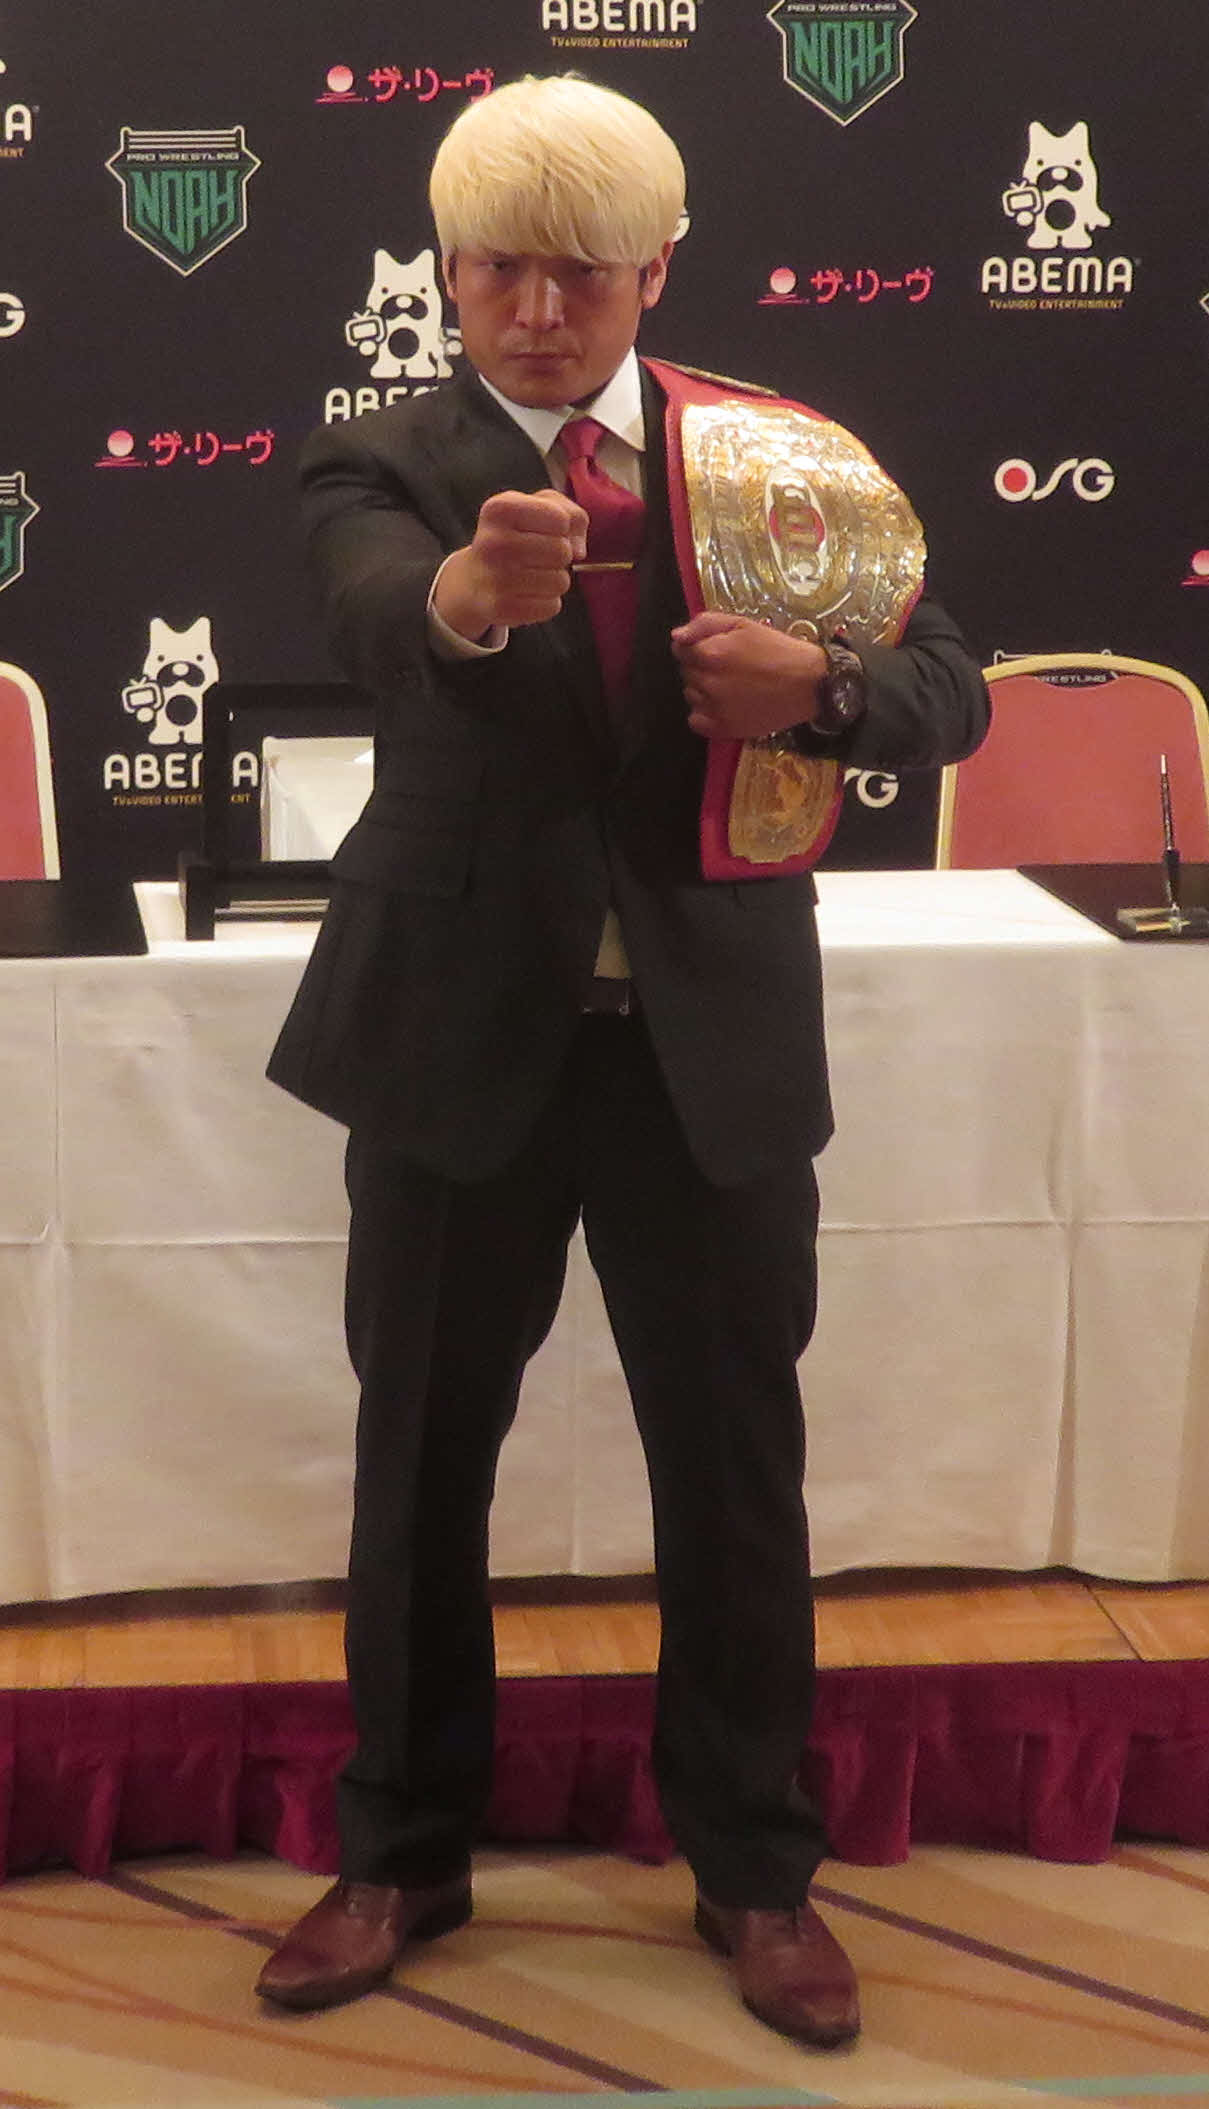 7日の横浜武道館大会でGHCナショナル王座6度目の防衛に成功し、一夜明け会見に出席した拳王(撮影・松熊洋介)